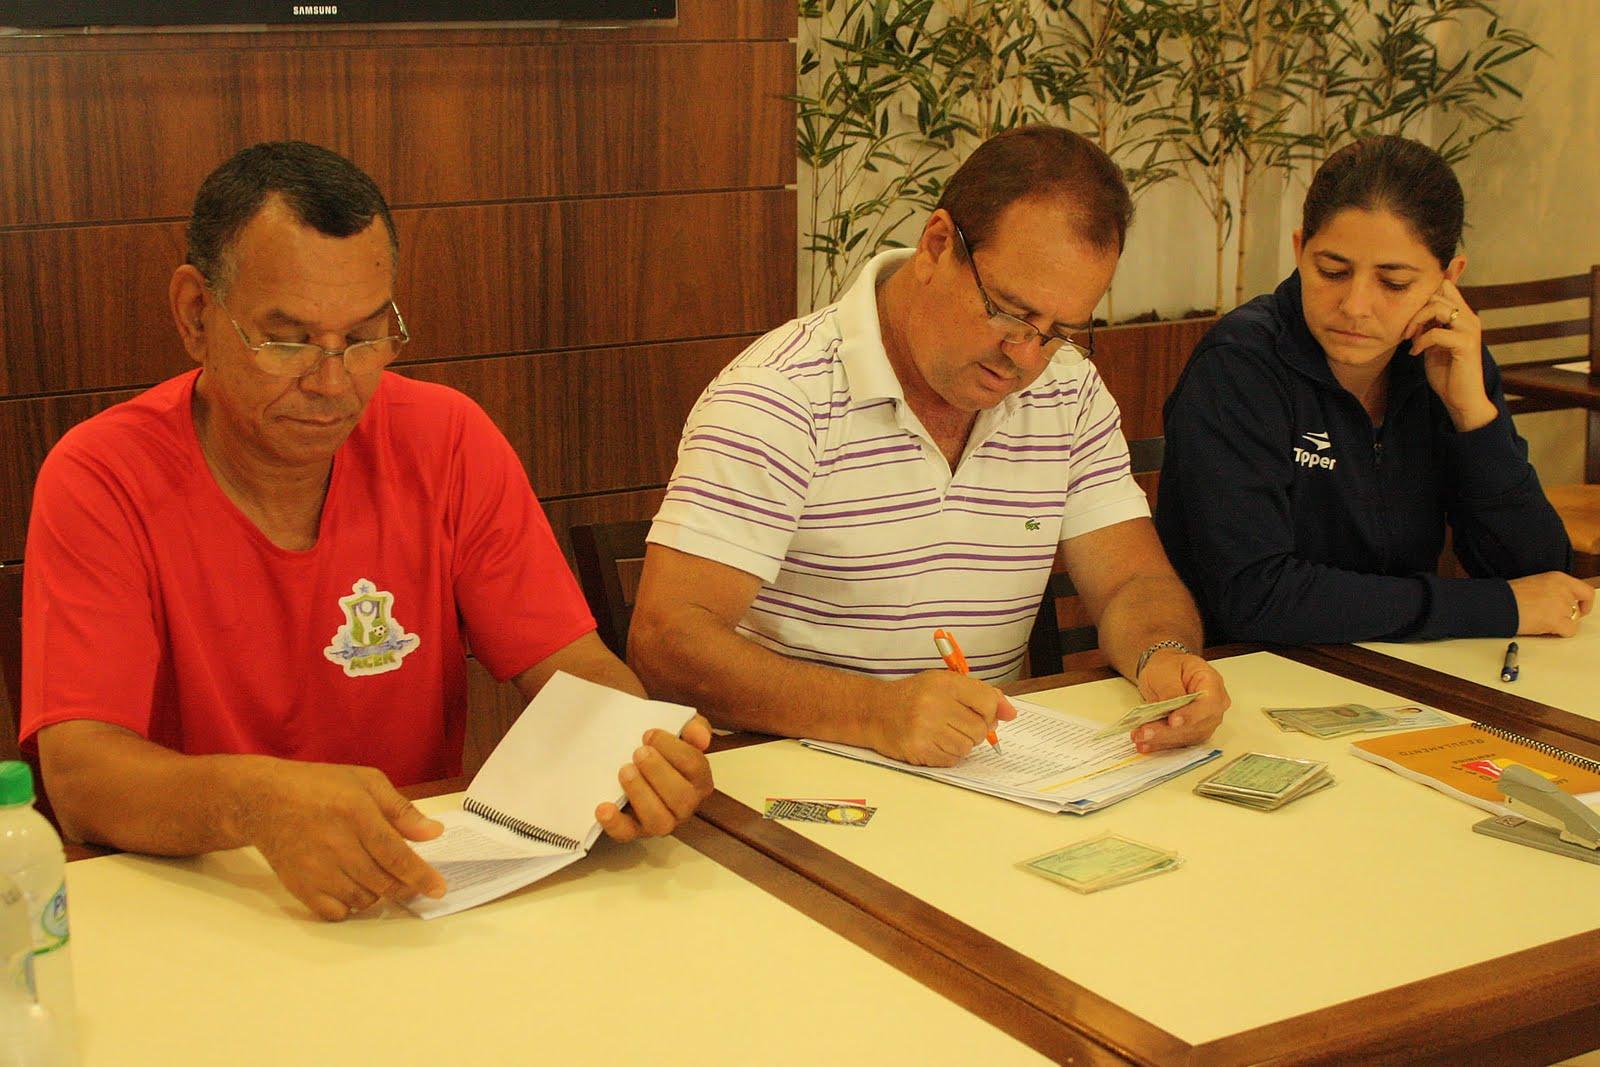 Associação Cultural Esportiva Kurdana - Cotia (SP)  Liga Futsal Feminina   Congresso Técnico confirma normas da competição  Kurdana Cotia se fez  presente 228f5cf09b691